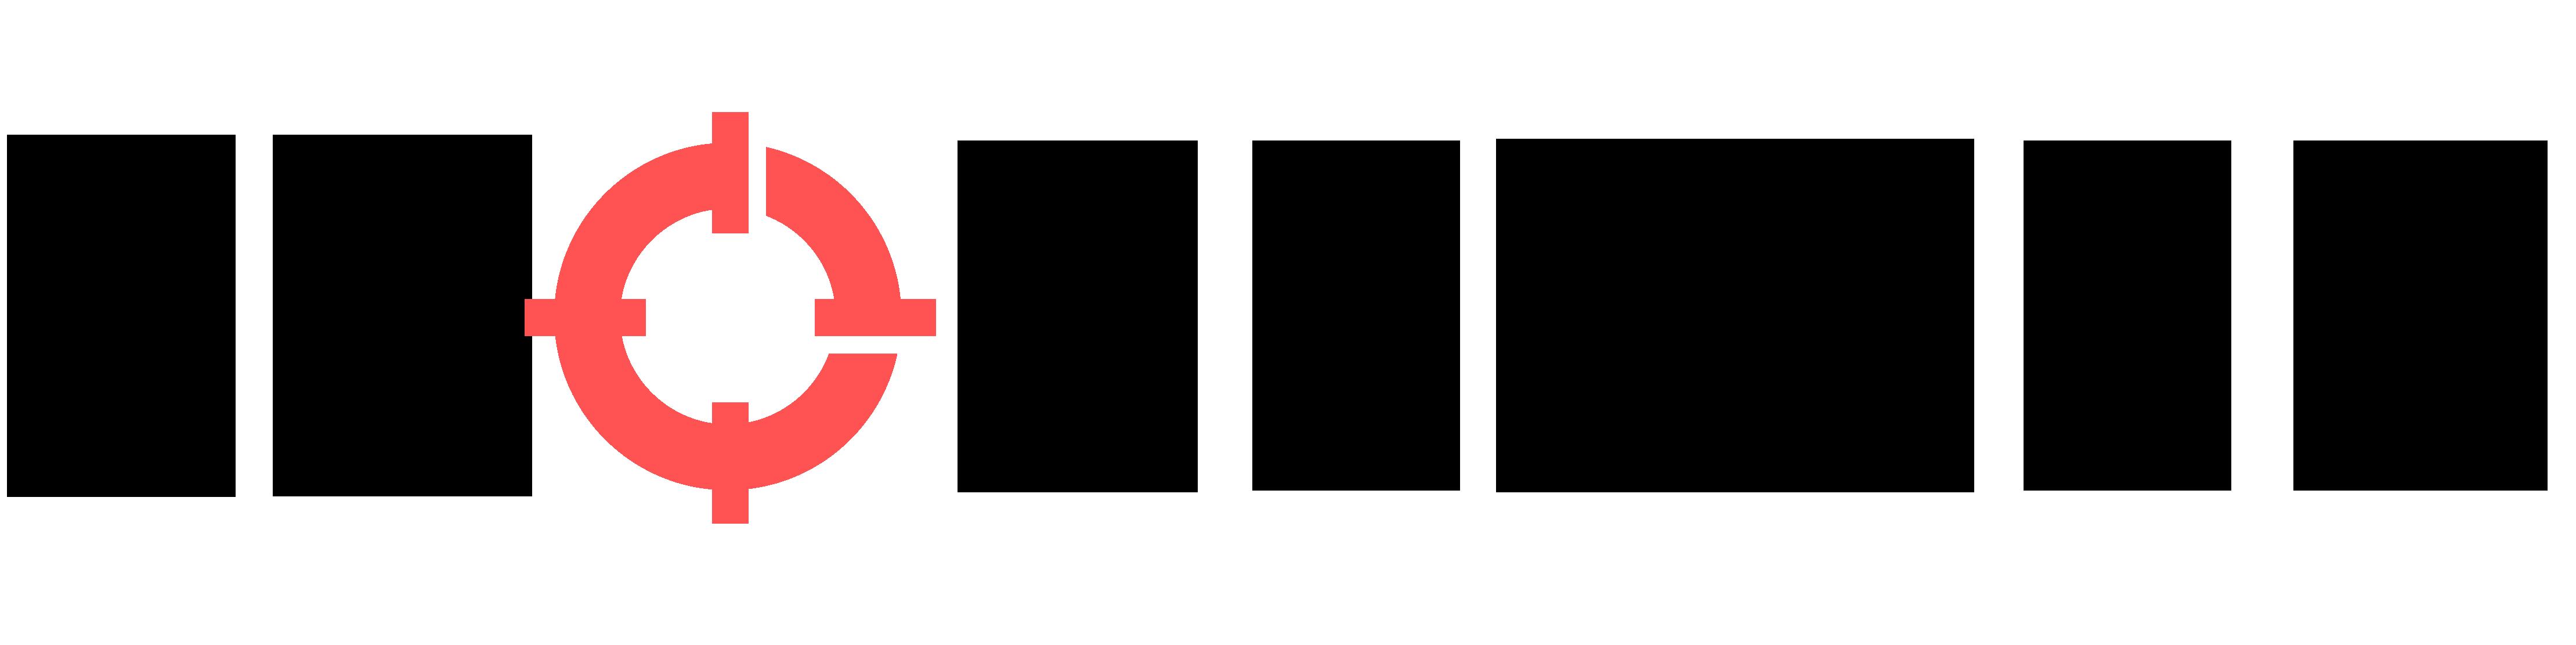 scopeweb logo